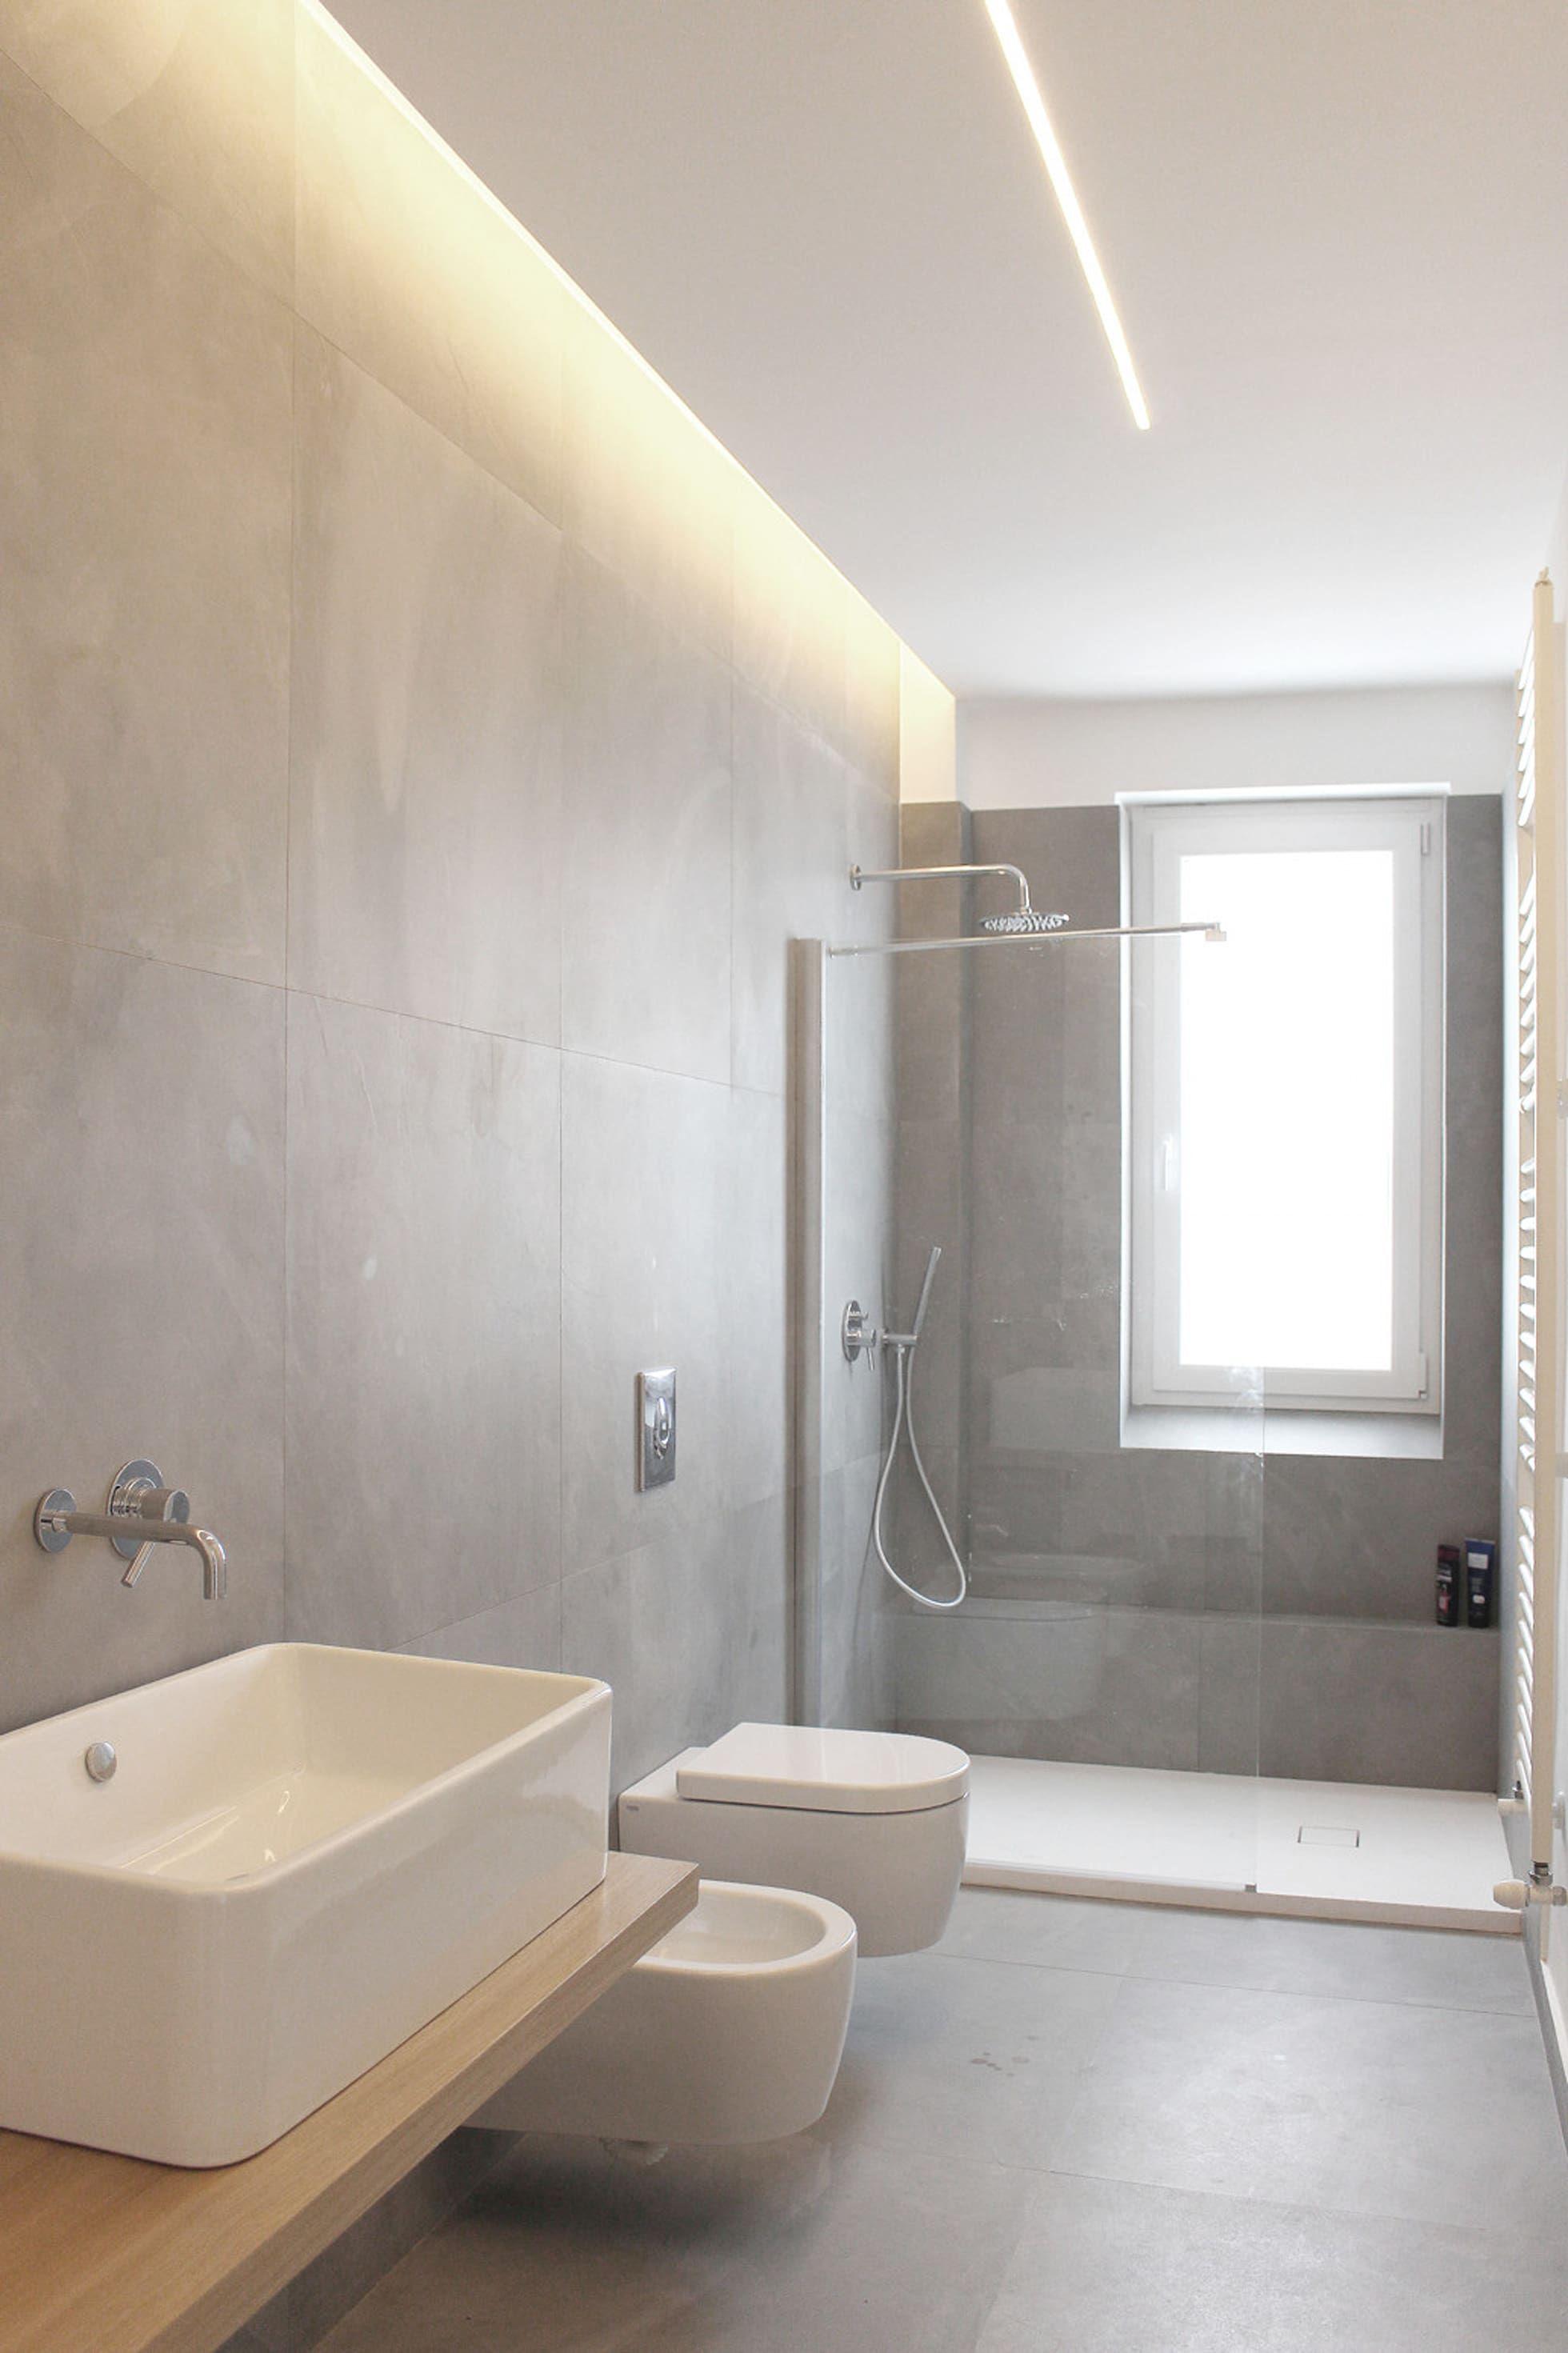 Immagini Di Bagni Moderni stanza da bagno bagno minimalista di homify minimalista nel